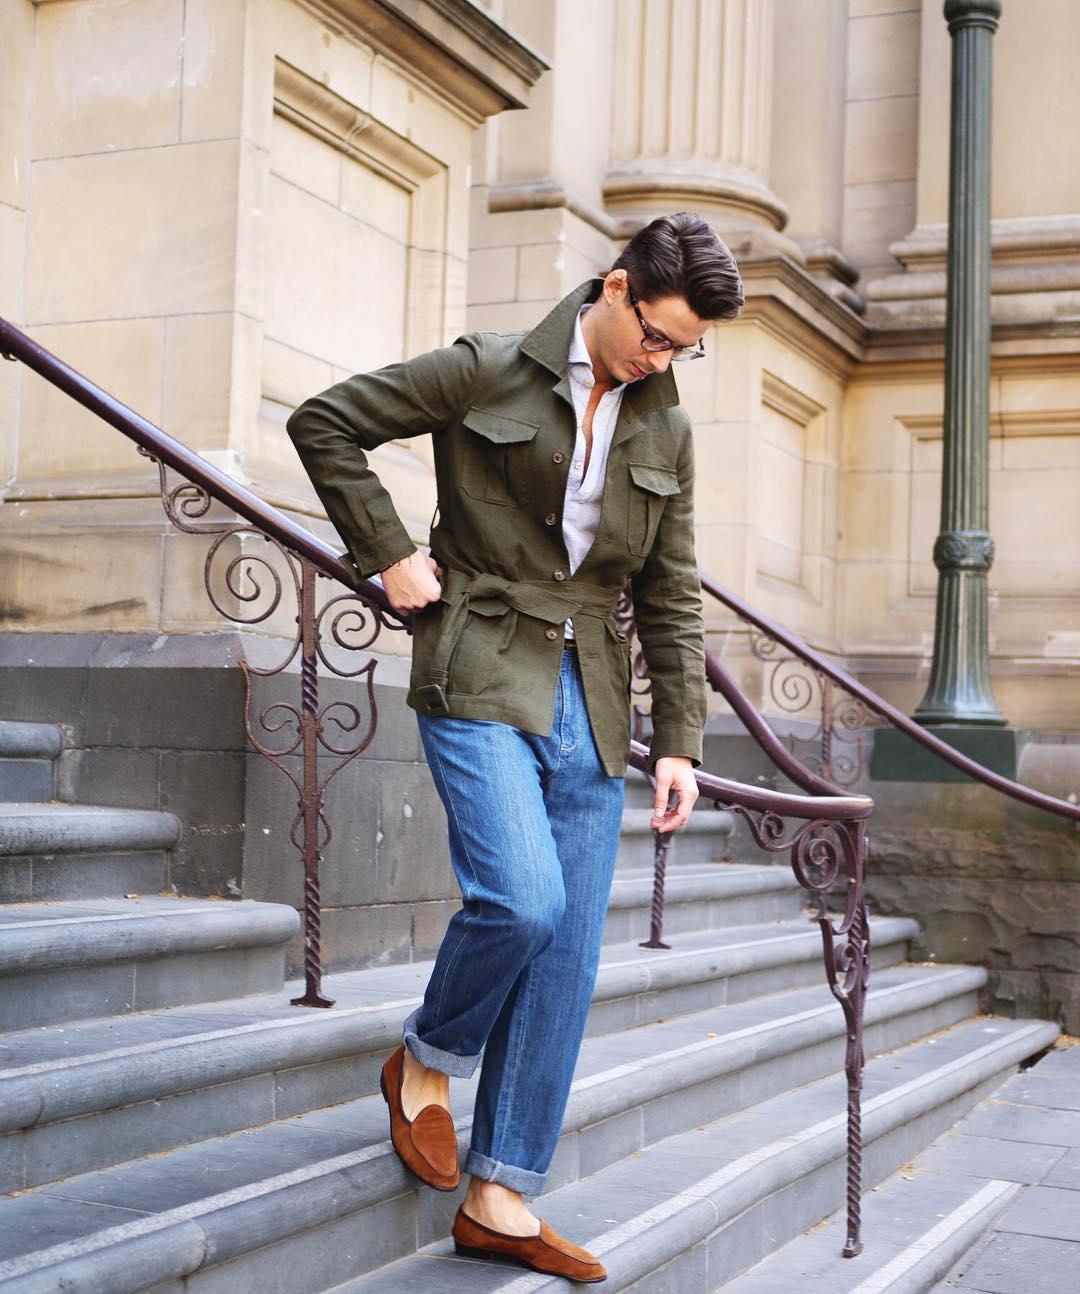 La chemise couplée à une veste longue donne quant à elle directement un côté plus formel que compense ici Steve Calder avec un jeans et des mocassins clairs en bas de tenue.